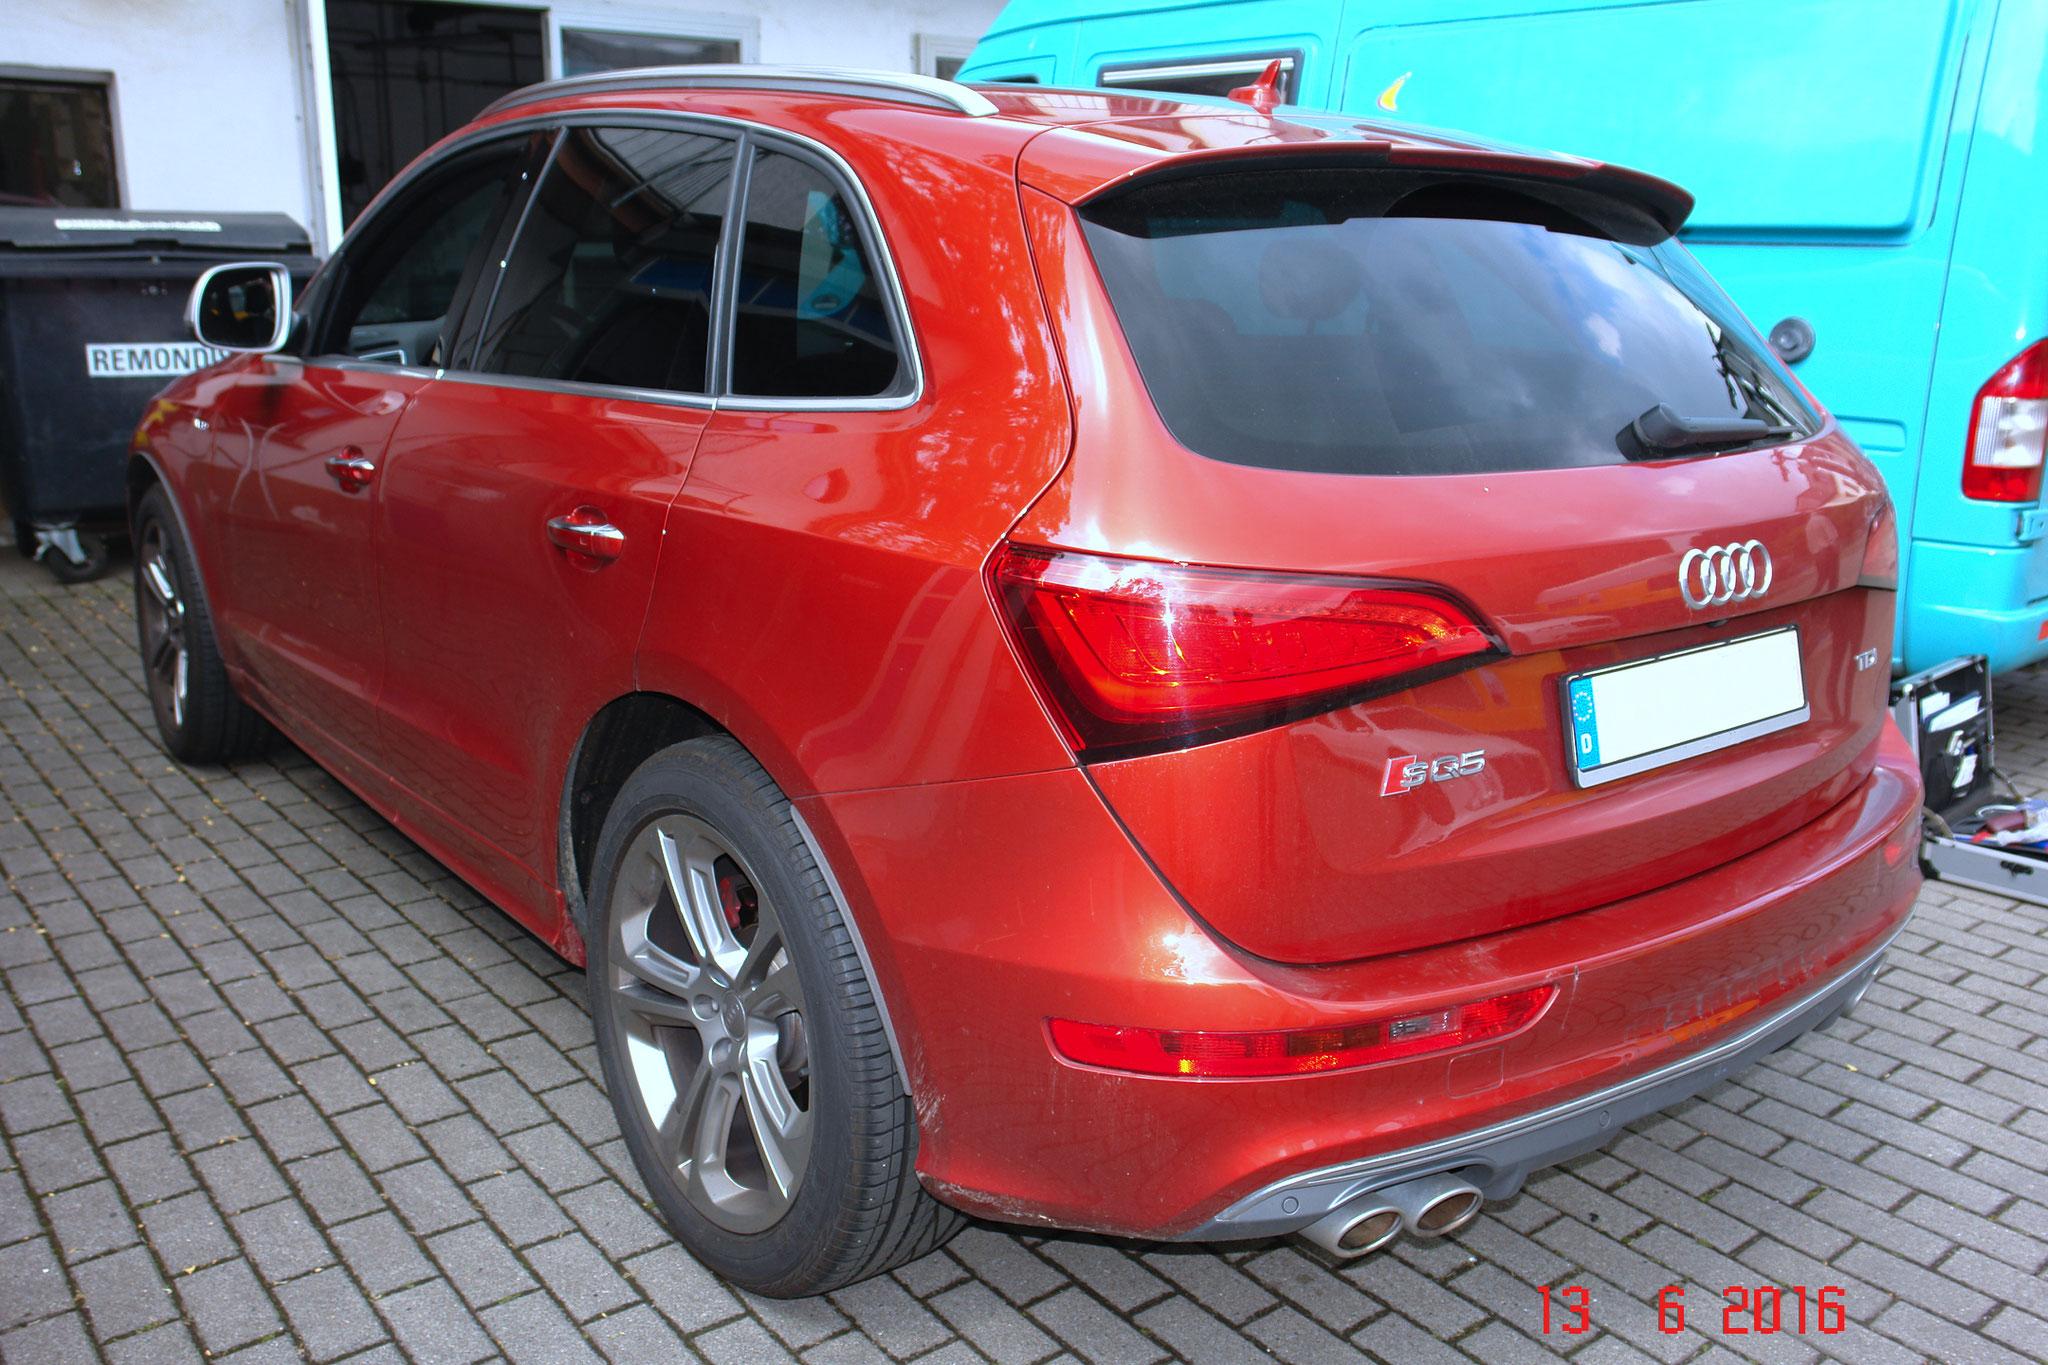 kaum sichtbarer Schaden am Heck des Audi Q5